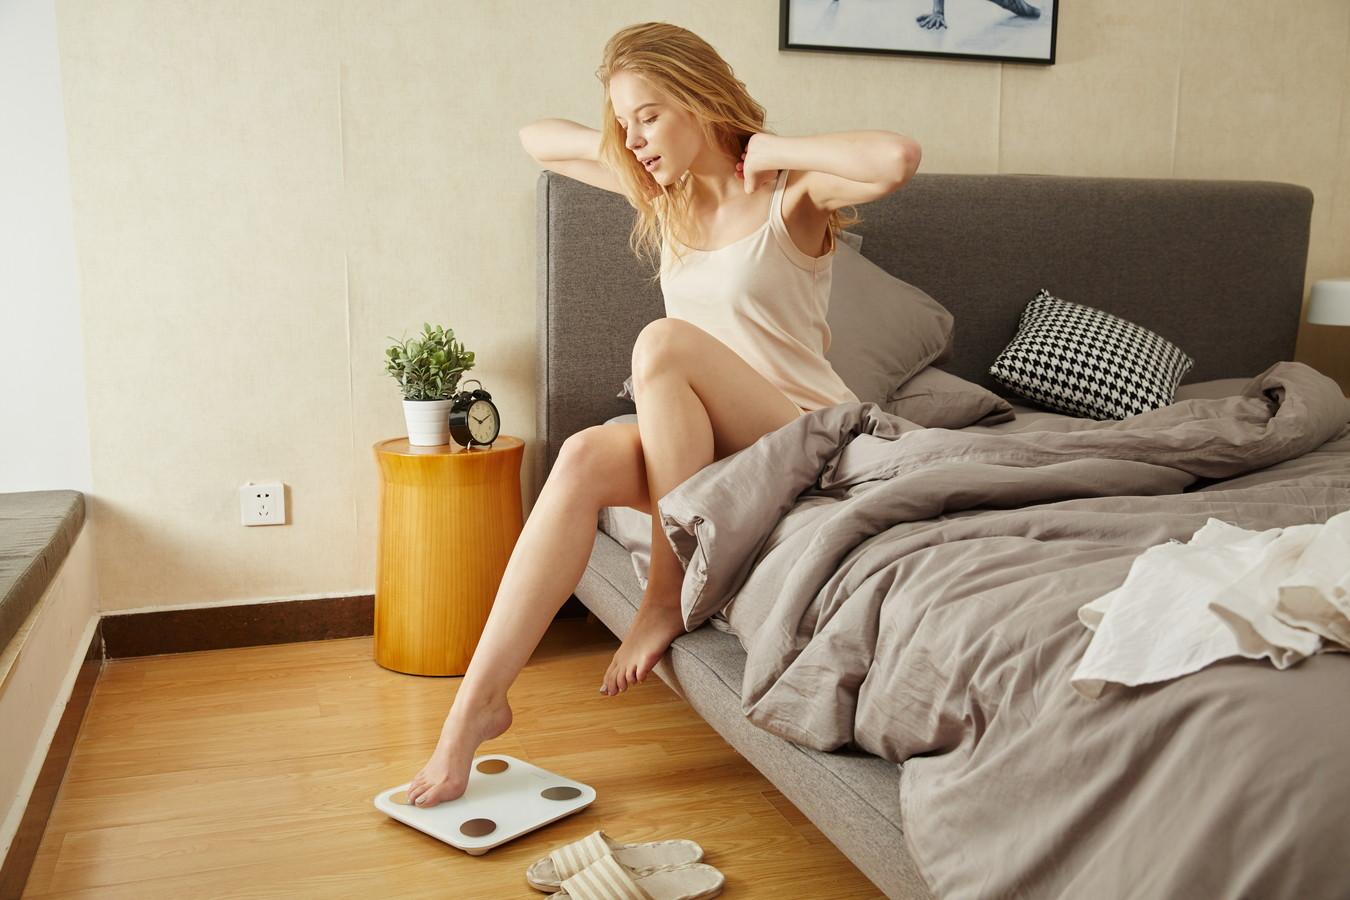 朝の早起きが苦にならない!簡単に100%達成できる3つの手順